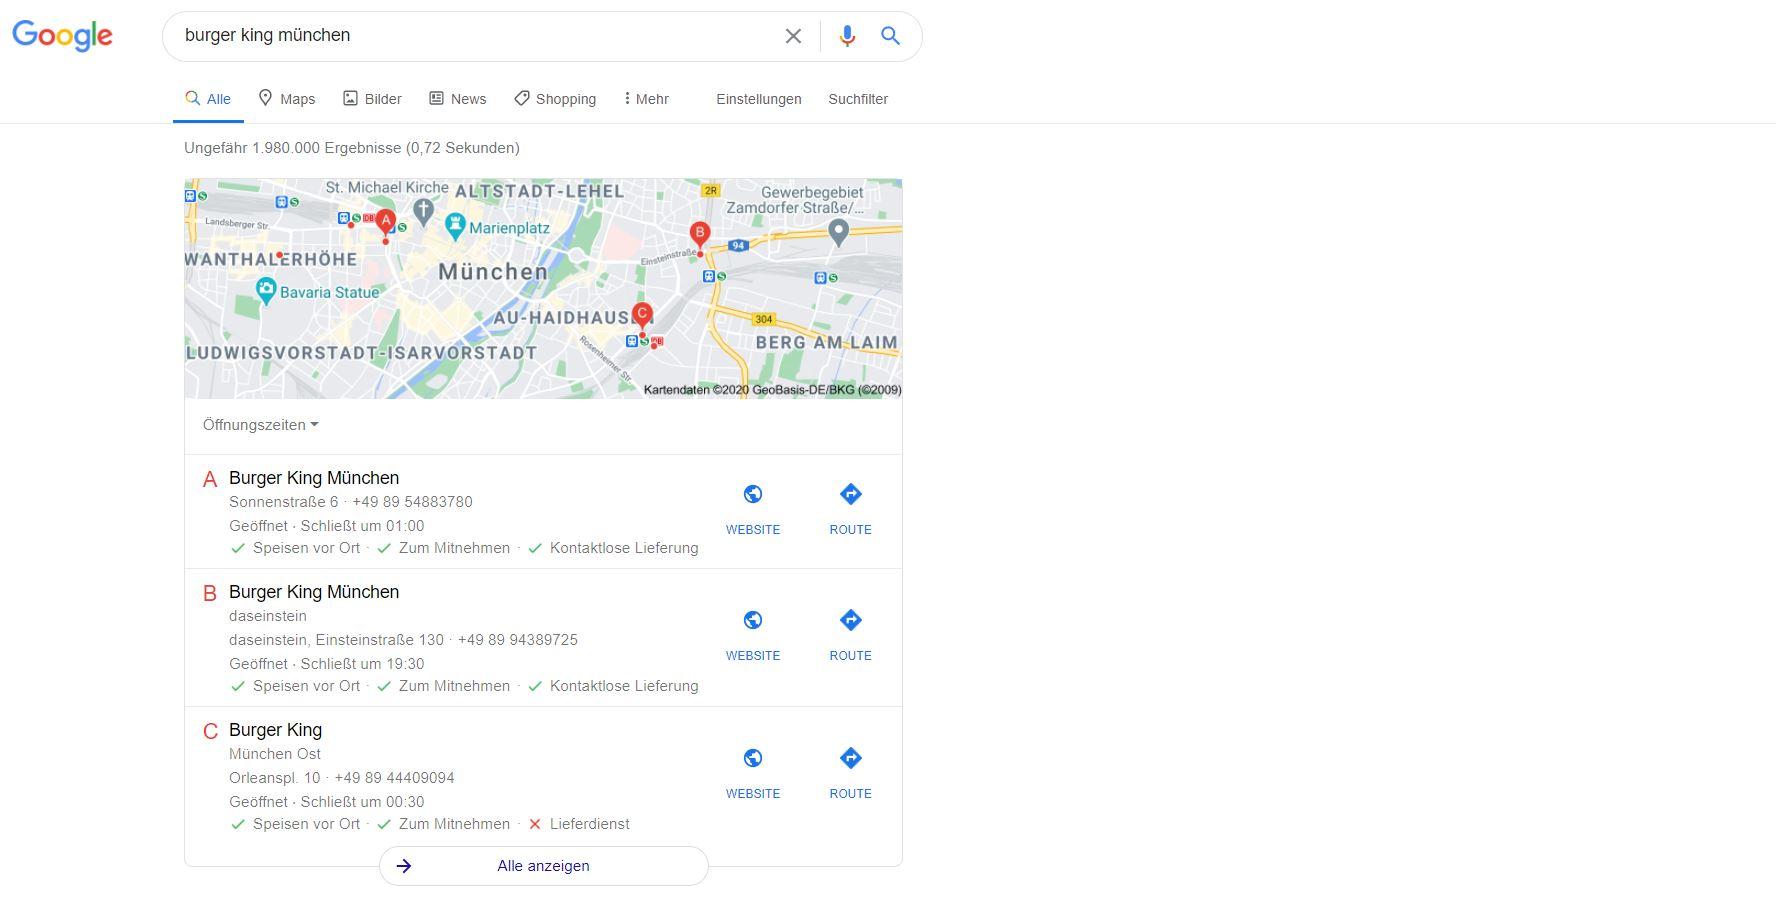 Google My Business mit NAP-Daten in den Suchergebnissen